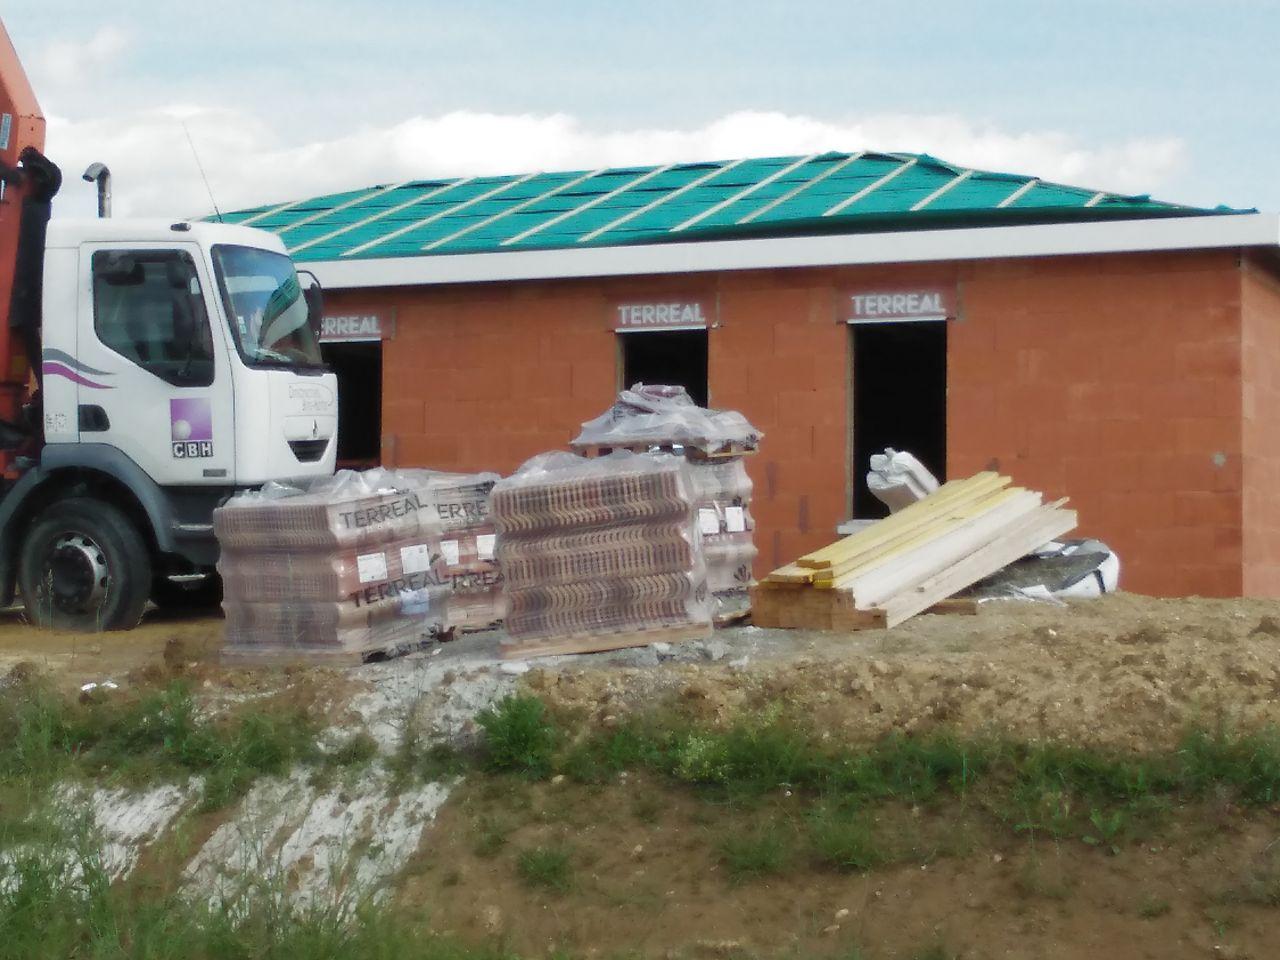 maison voisin d'en face avec écran sur toiture